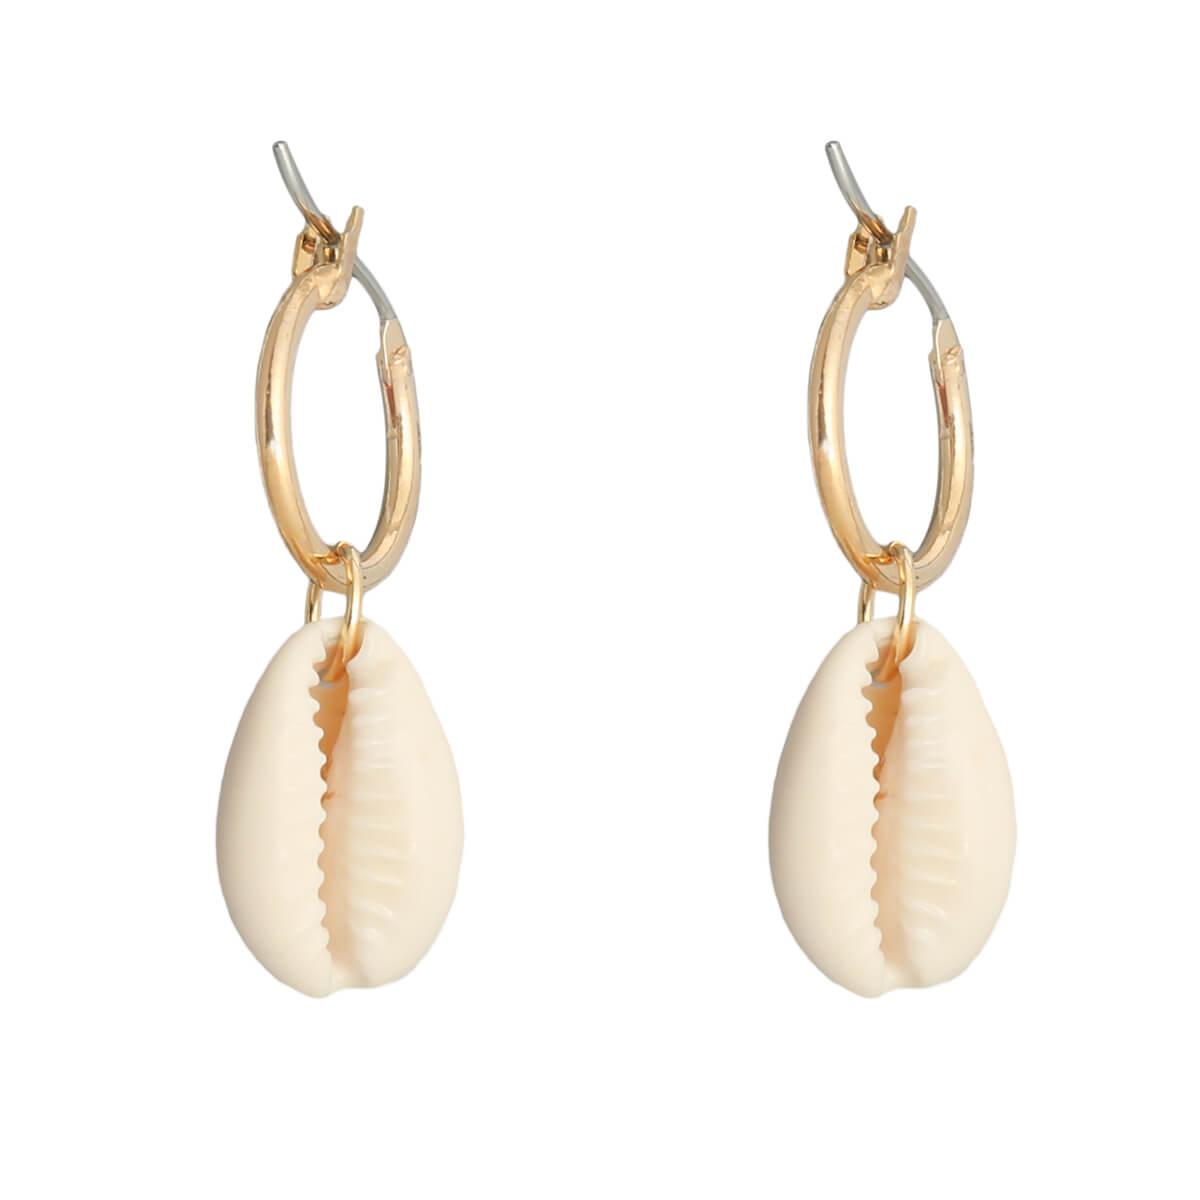 Boucles d'oreilles cauri - Cénélia - Barbuda